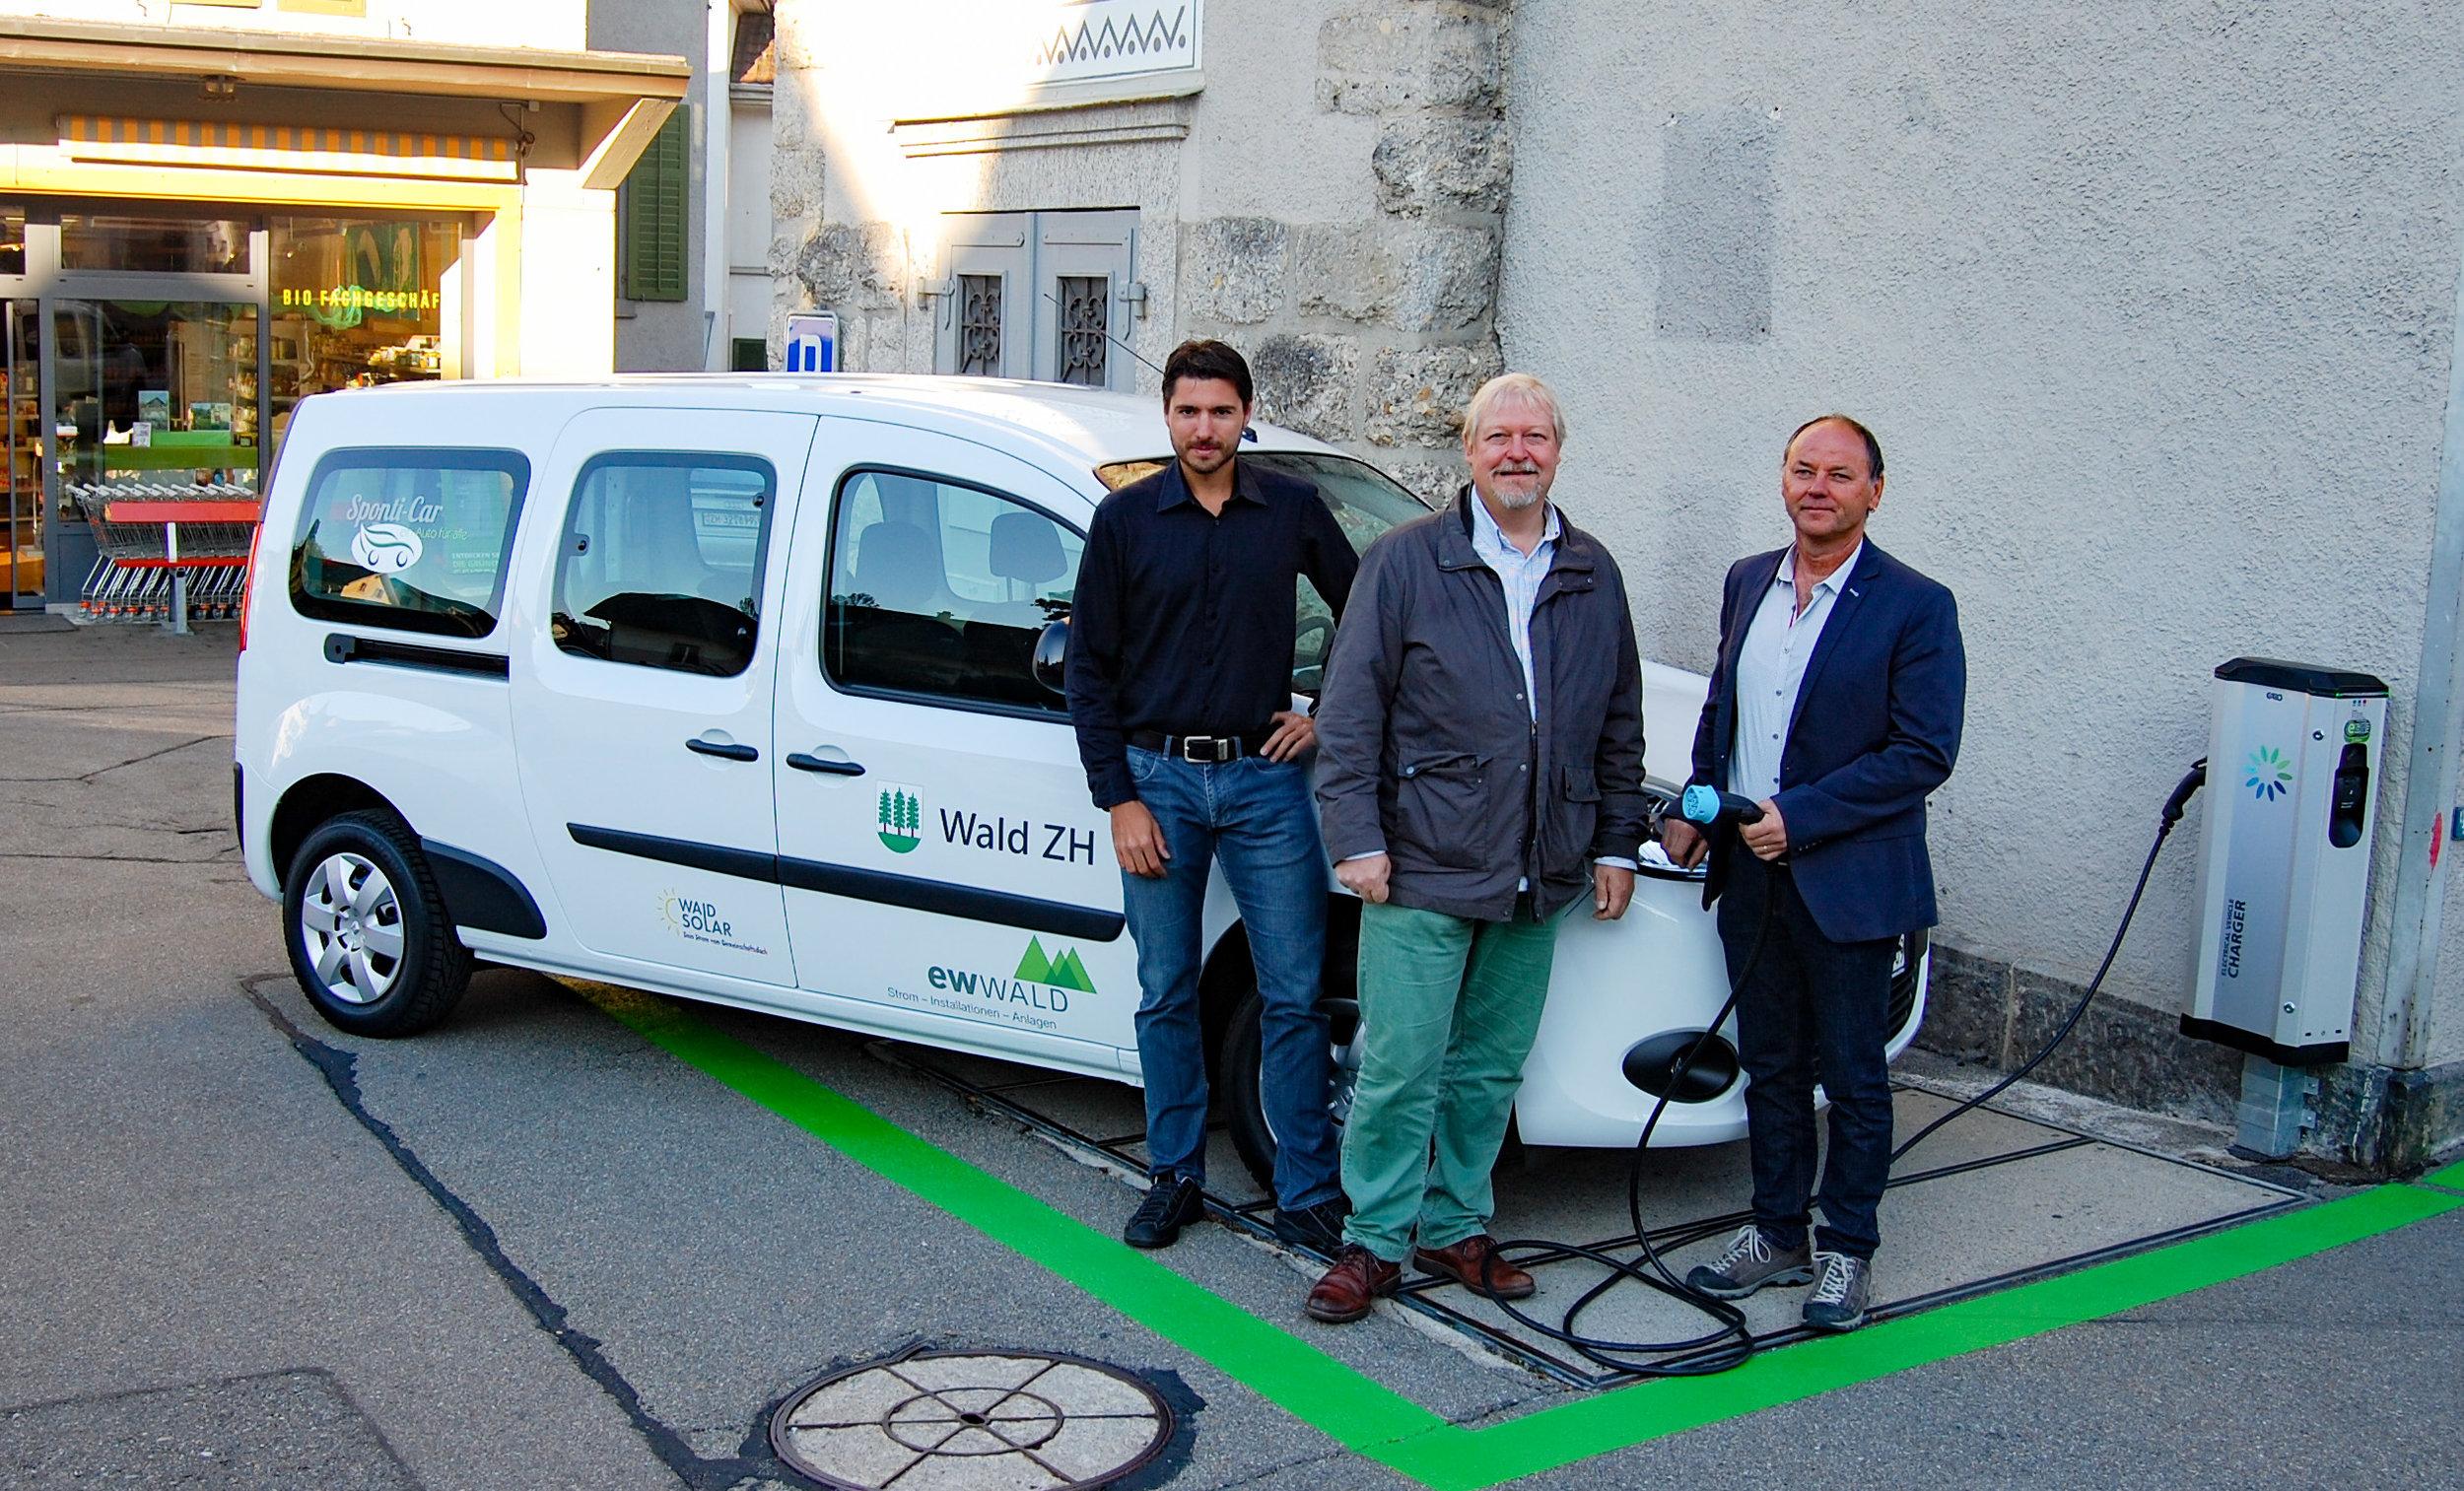 Einweihung des Elektrofahrzeugs  Sponti-car.ch  für alle am Schlipfplatz Wald